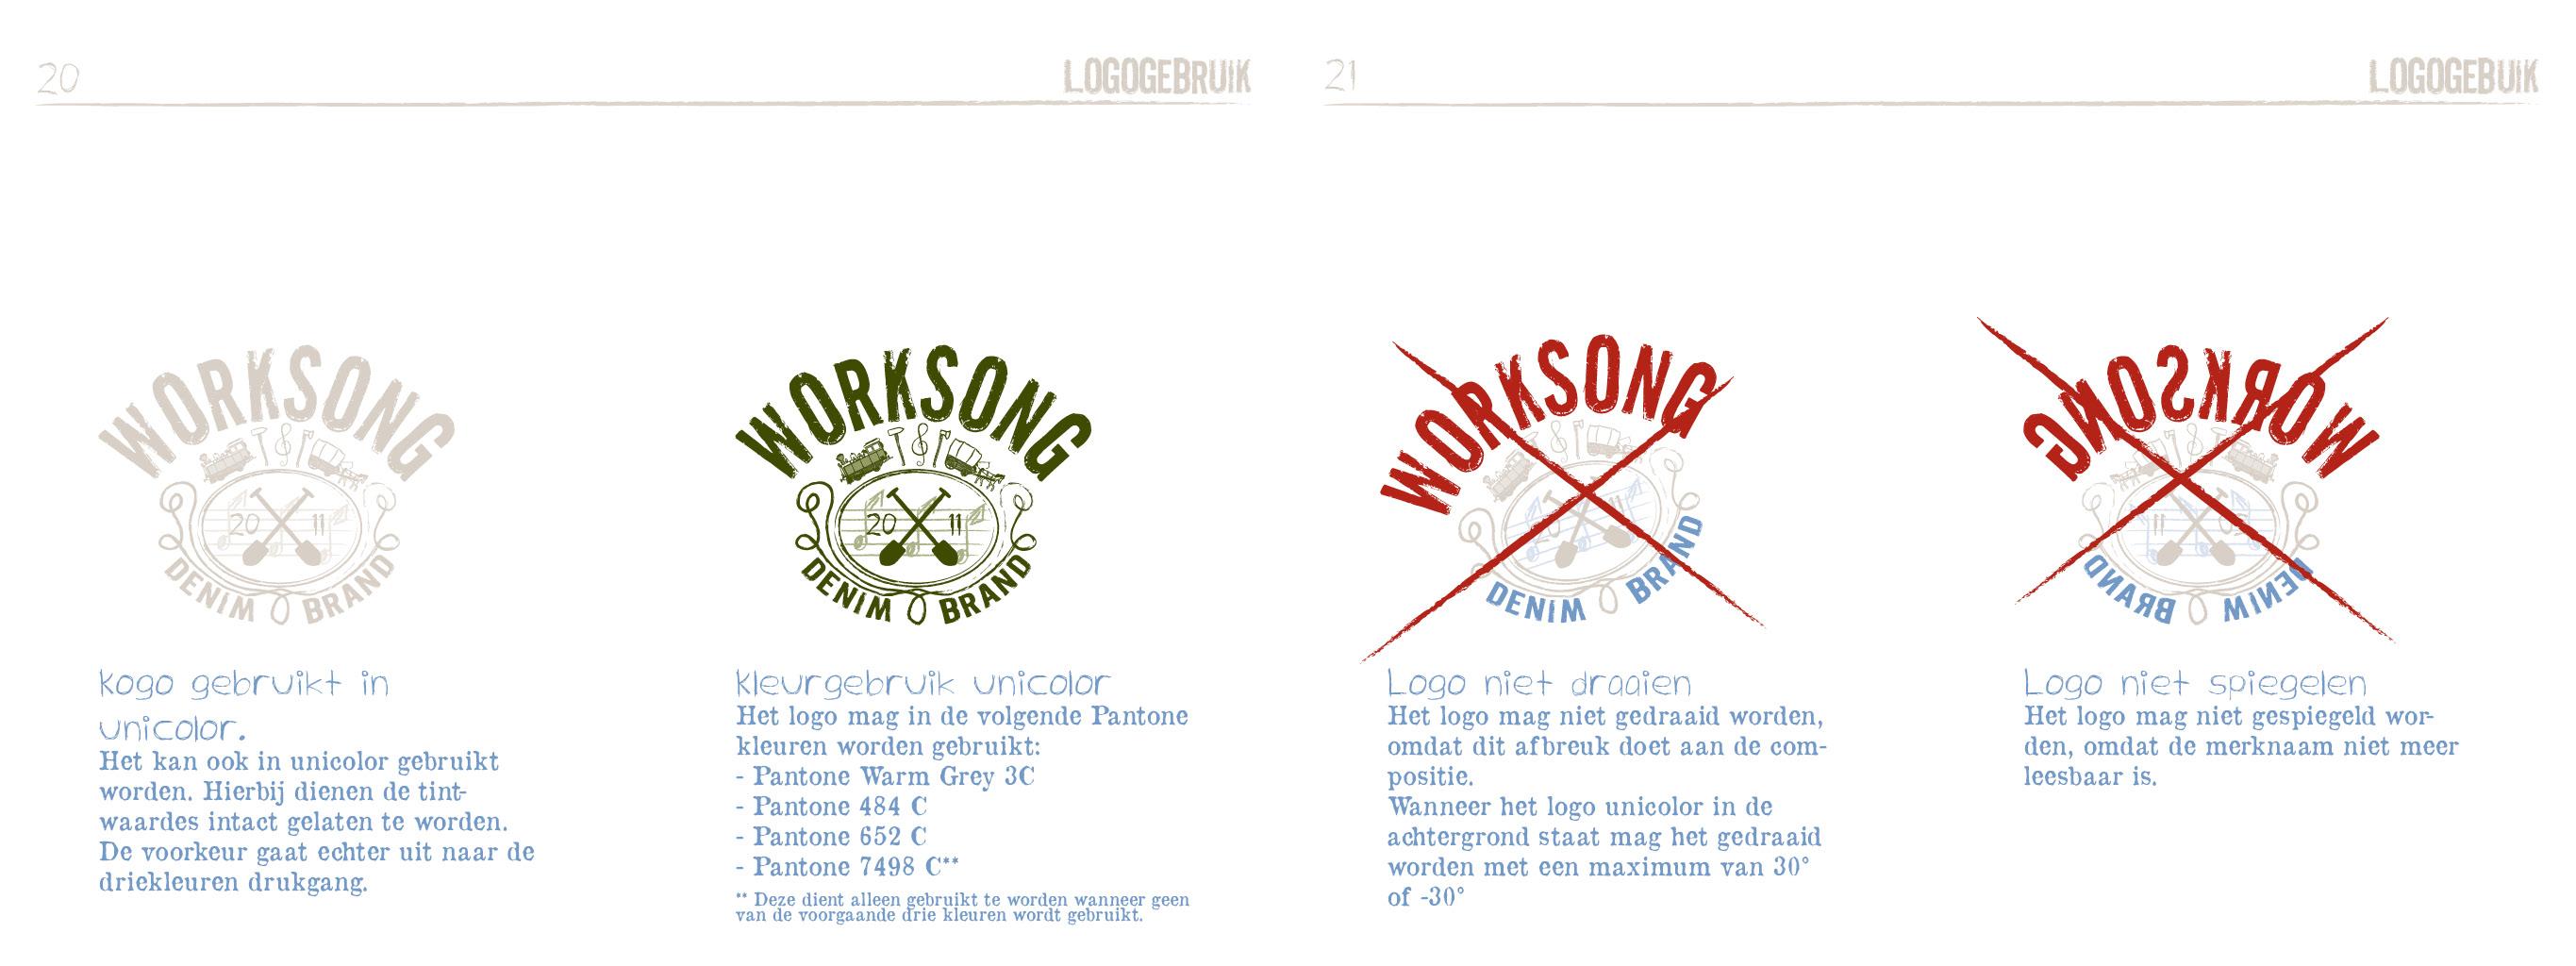 Worksong Huisstijlhandboek11